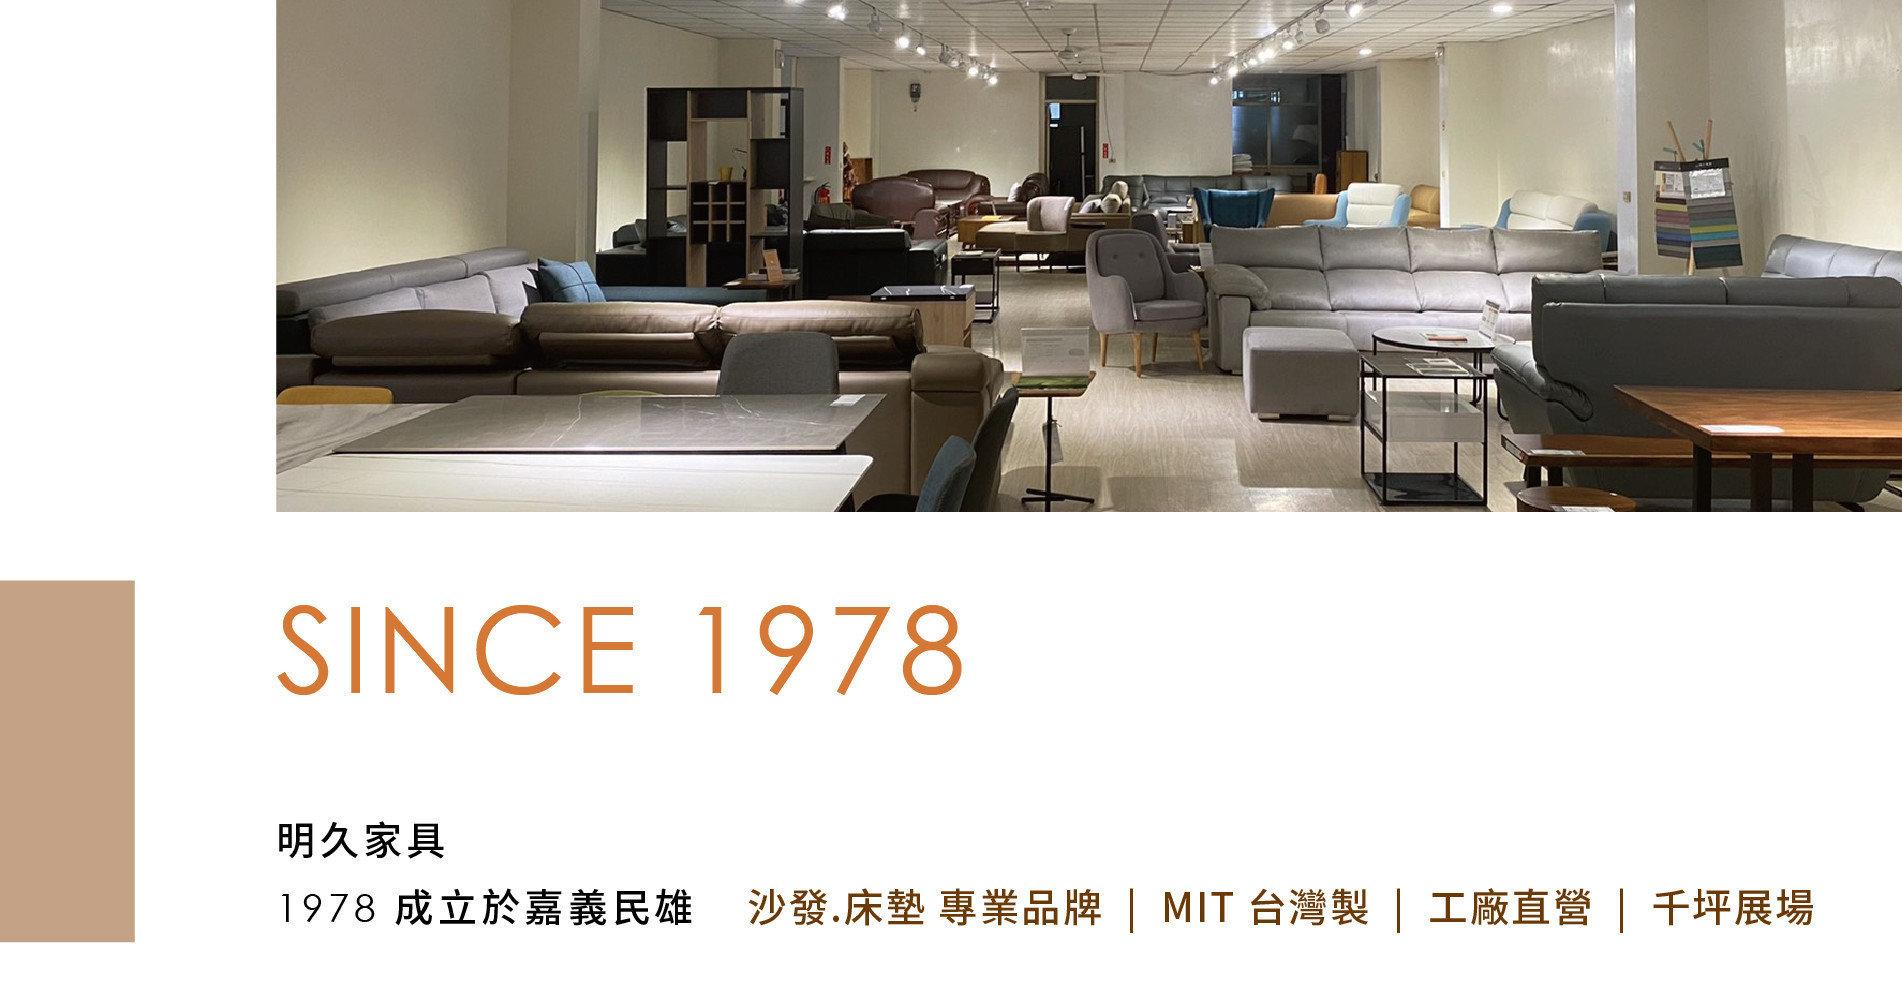 明久家具1978年成立於嘉義民雄,是沙發床墊的專業品牌。MIT台灣製,千坪展場、工廠自營,是當地知名的家具在地嚮導。